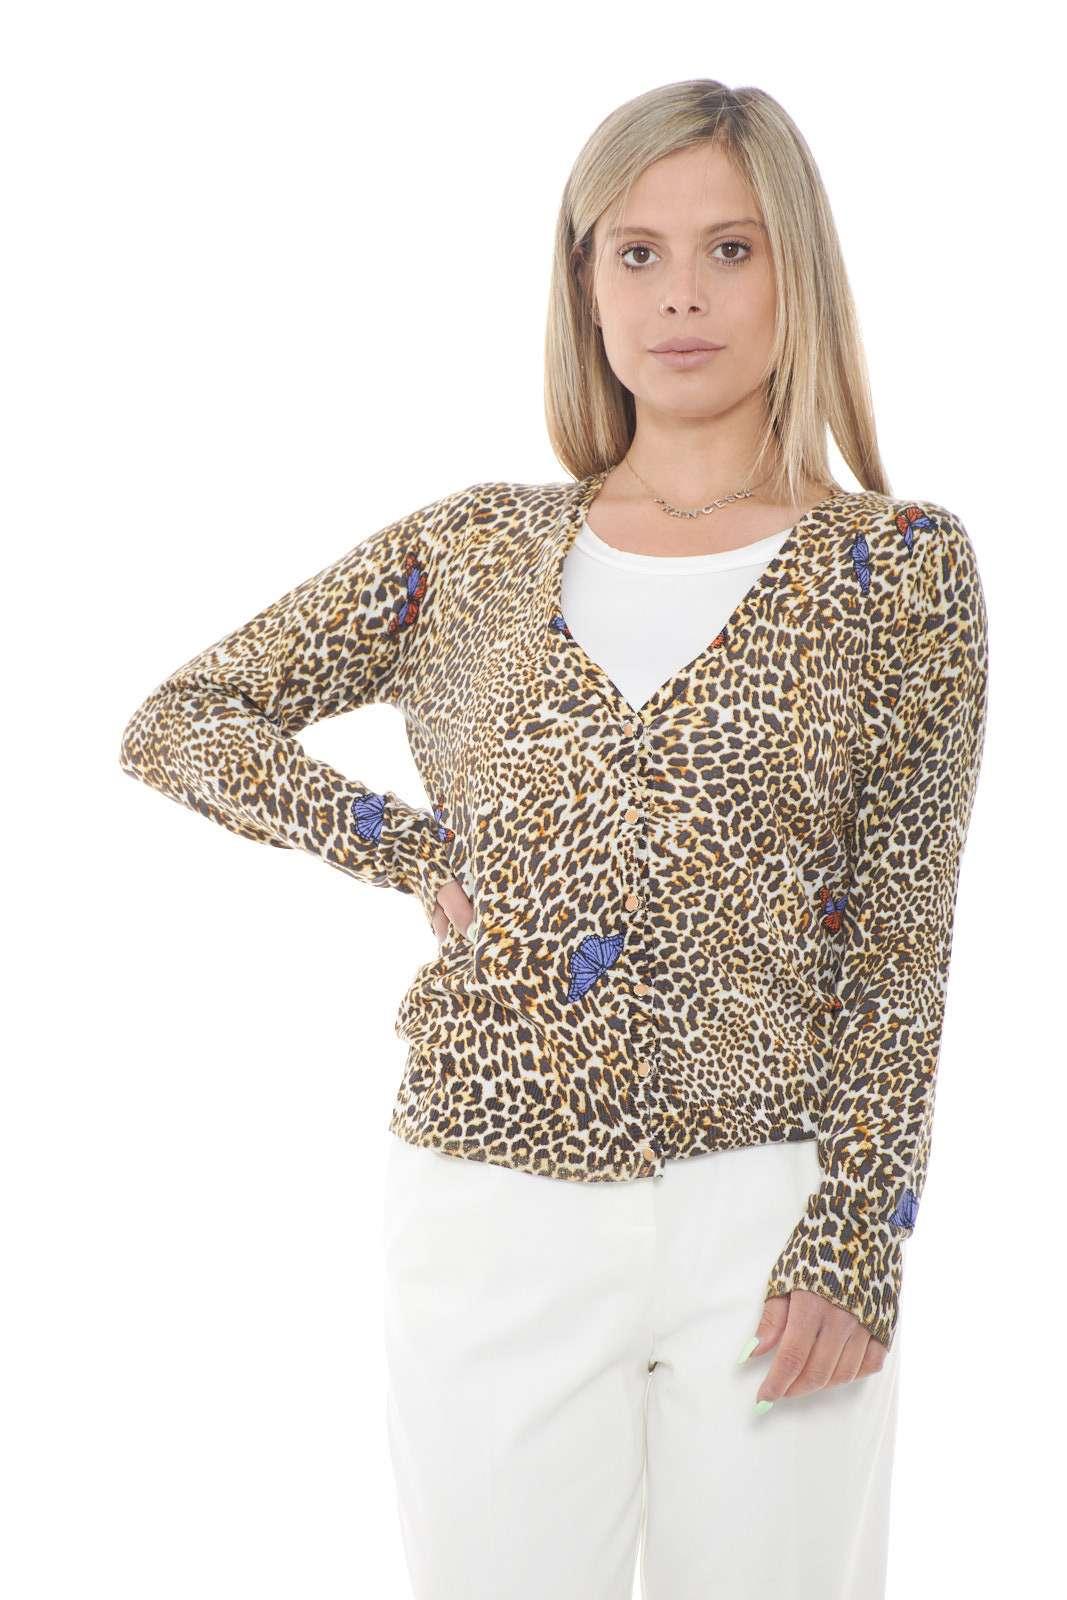 Scopri il nuovo cardigan proposto dalla collezione donna Liu Jo dalla tanto amata fantasia animalier. Un capo versatile da abbinare sia con un jeans che con un pantalone, lascia il segno con tutti gli stili. Le farfalle in contrasto di colore lo armonizzano per renderlo unico con ogni outfit.